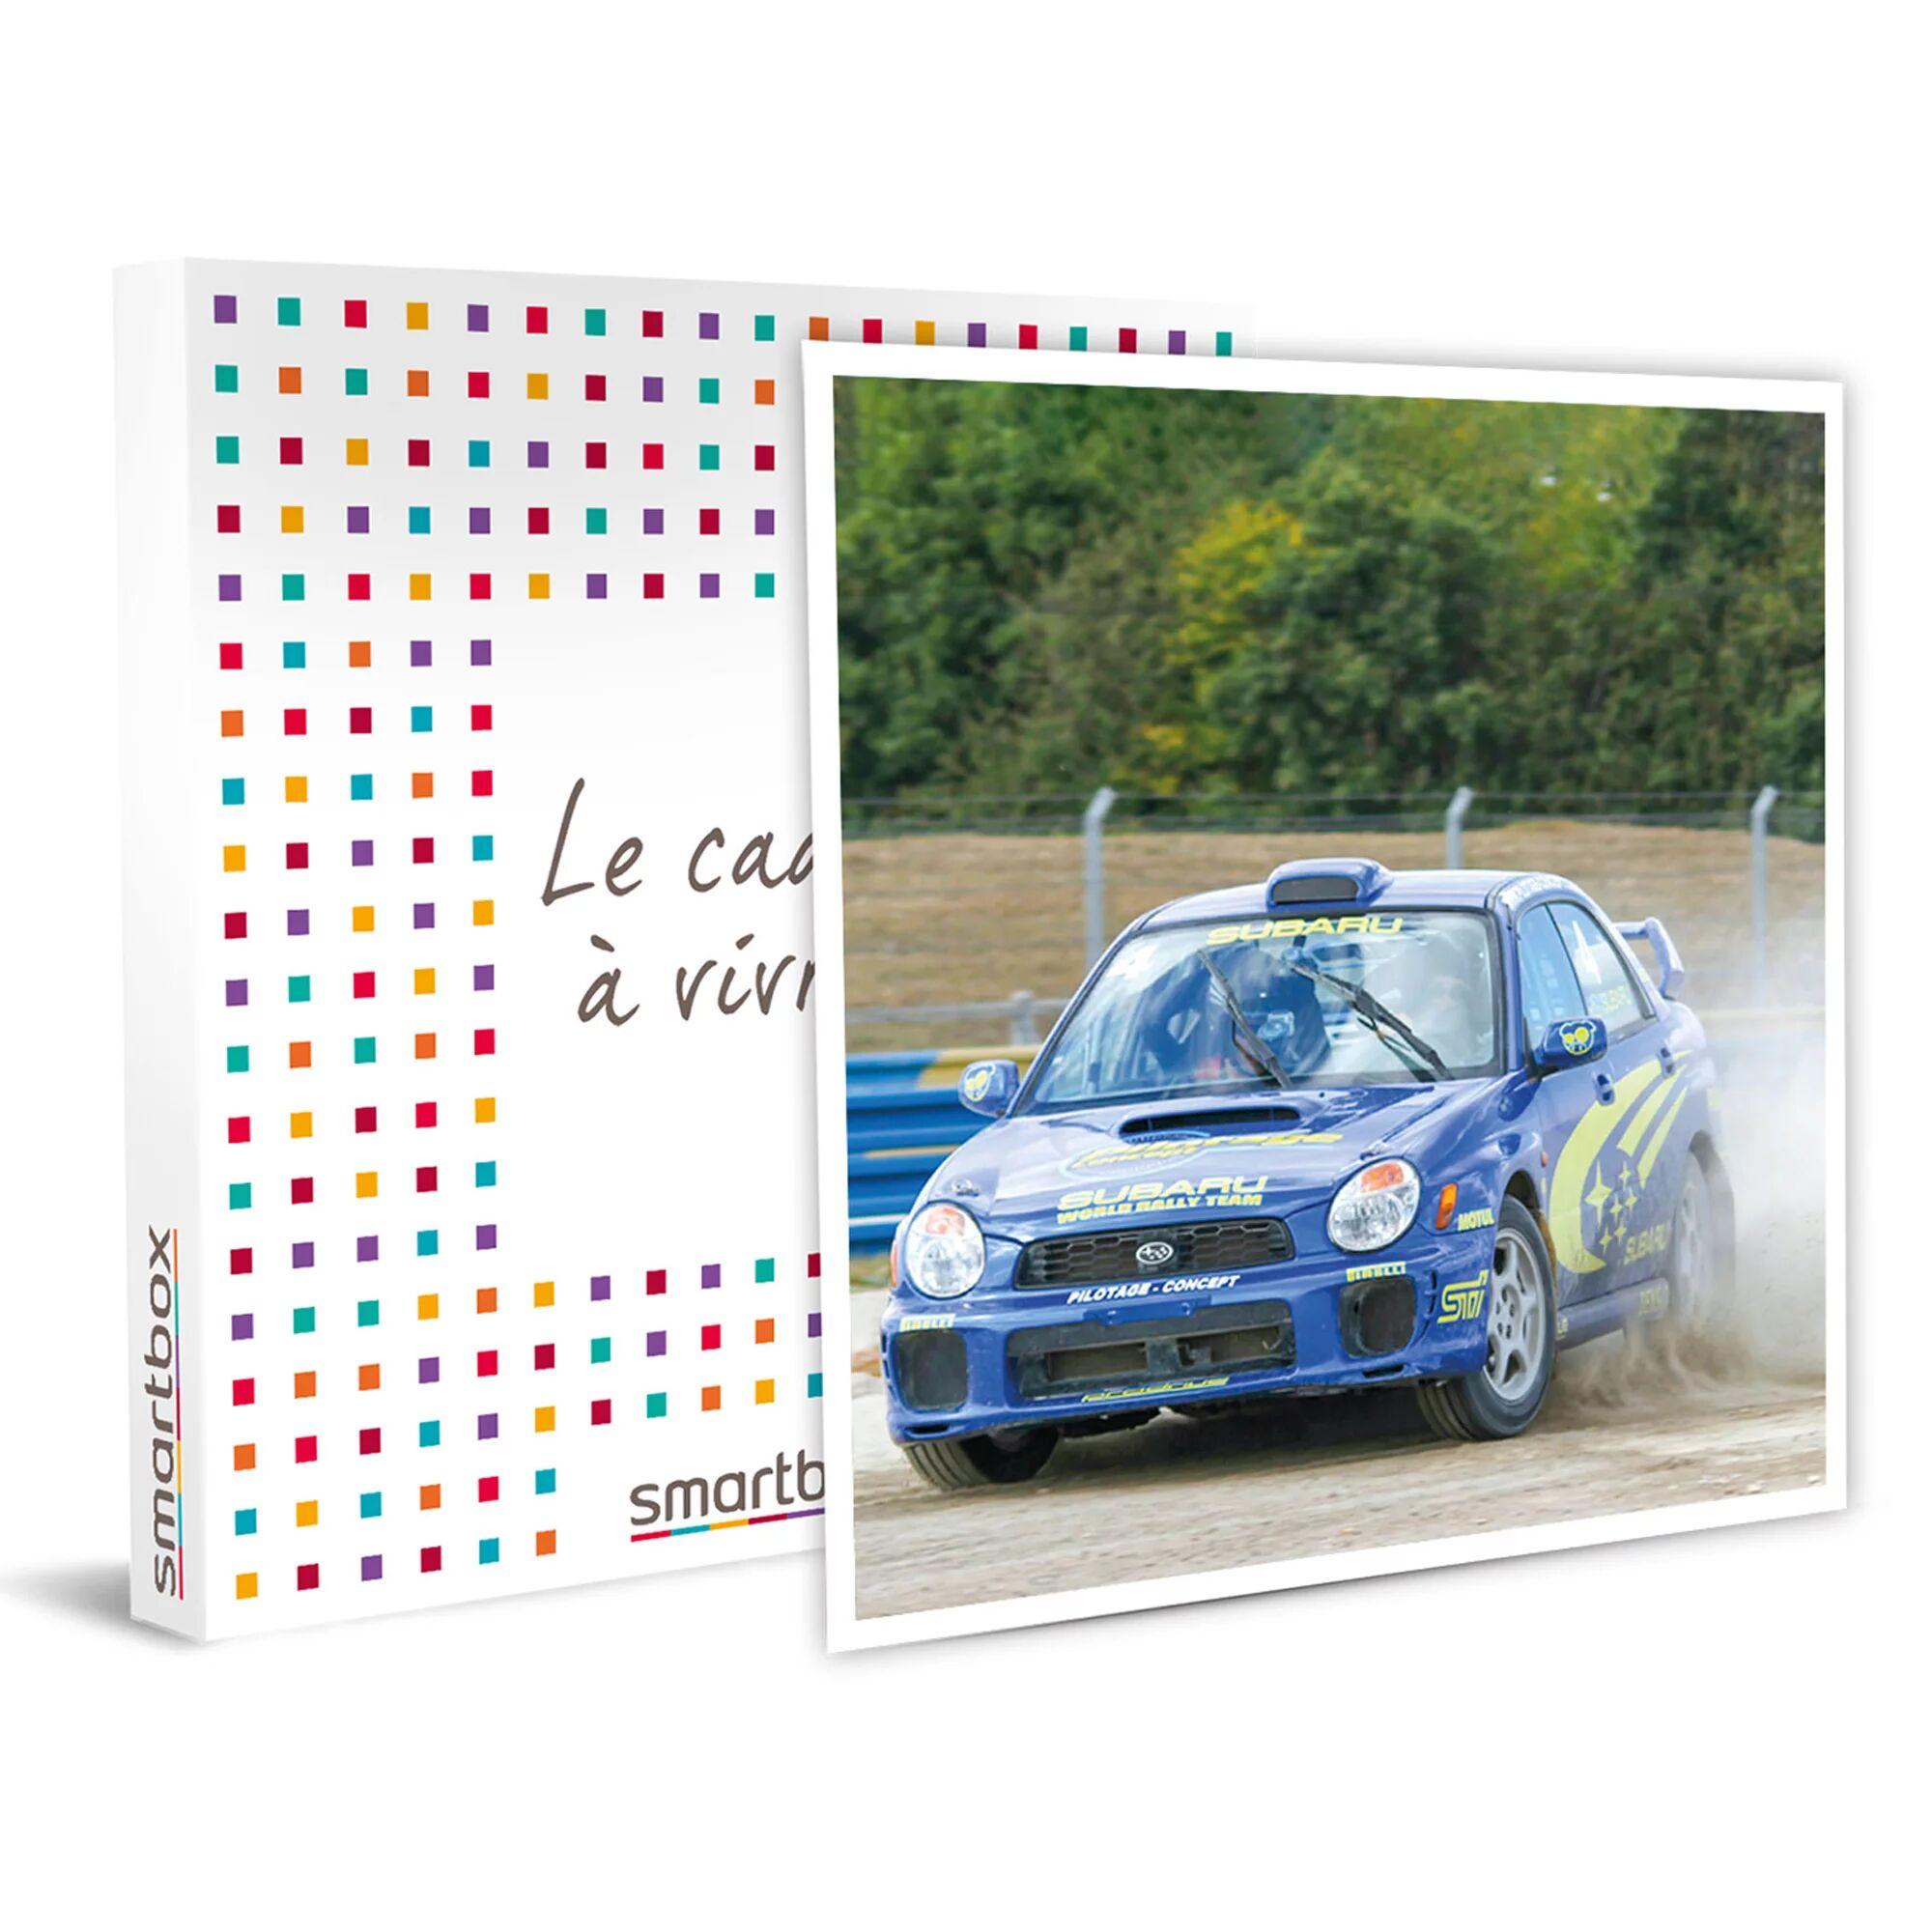 Smartbox Pilotage rallye : 6 tours à bord d'une Mini Cooper Sport et d'une Subaru Impreza WRX Coffret cadeau Smartbox